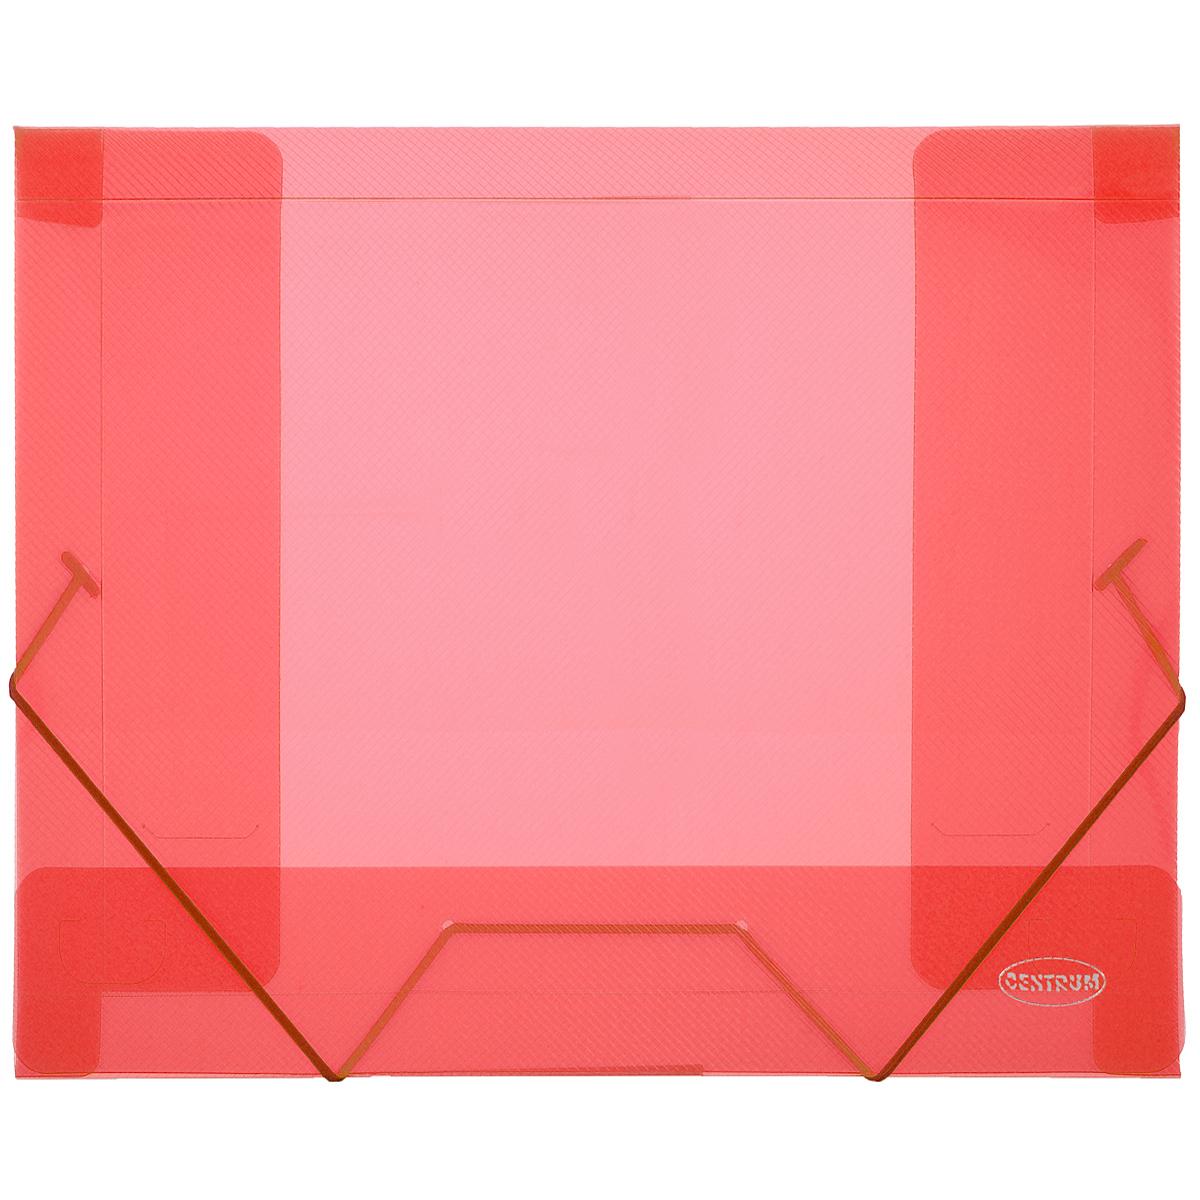 Centrum Папка-конверт на резинке цвет красный 80020Р